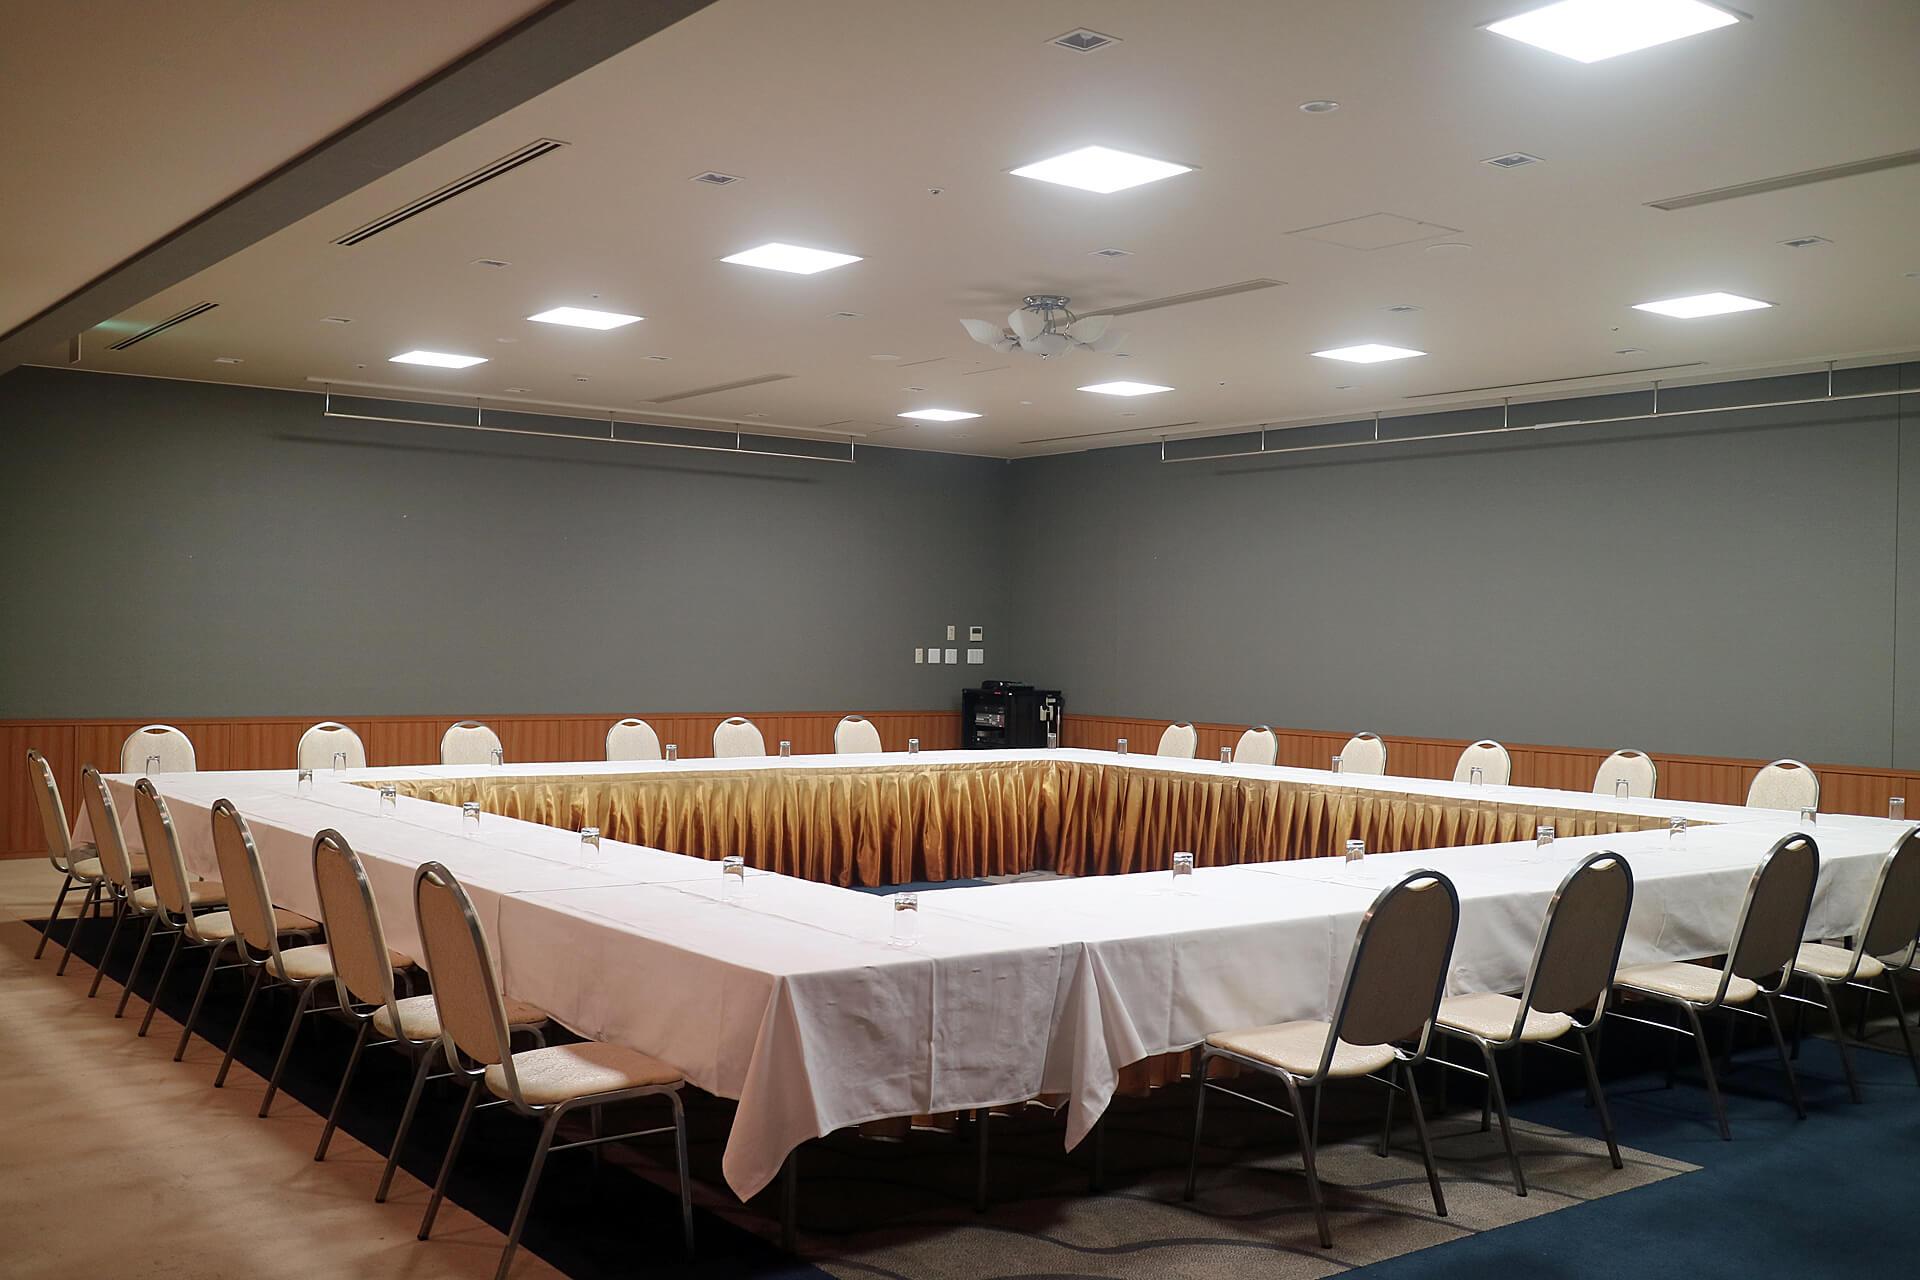 宴会&会議|宴会&会議【公式】ホテル金沢|金沢のご宿泊ブライダル